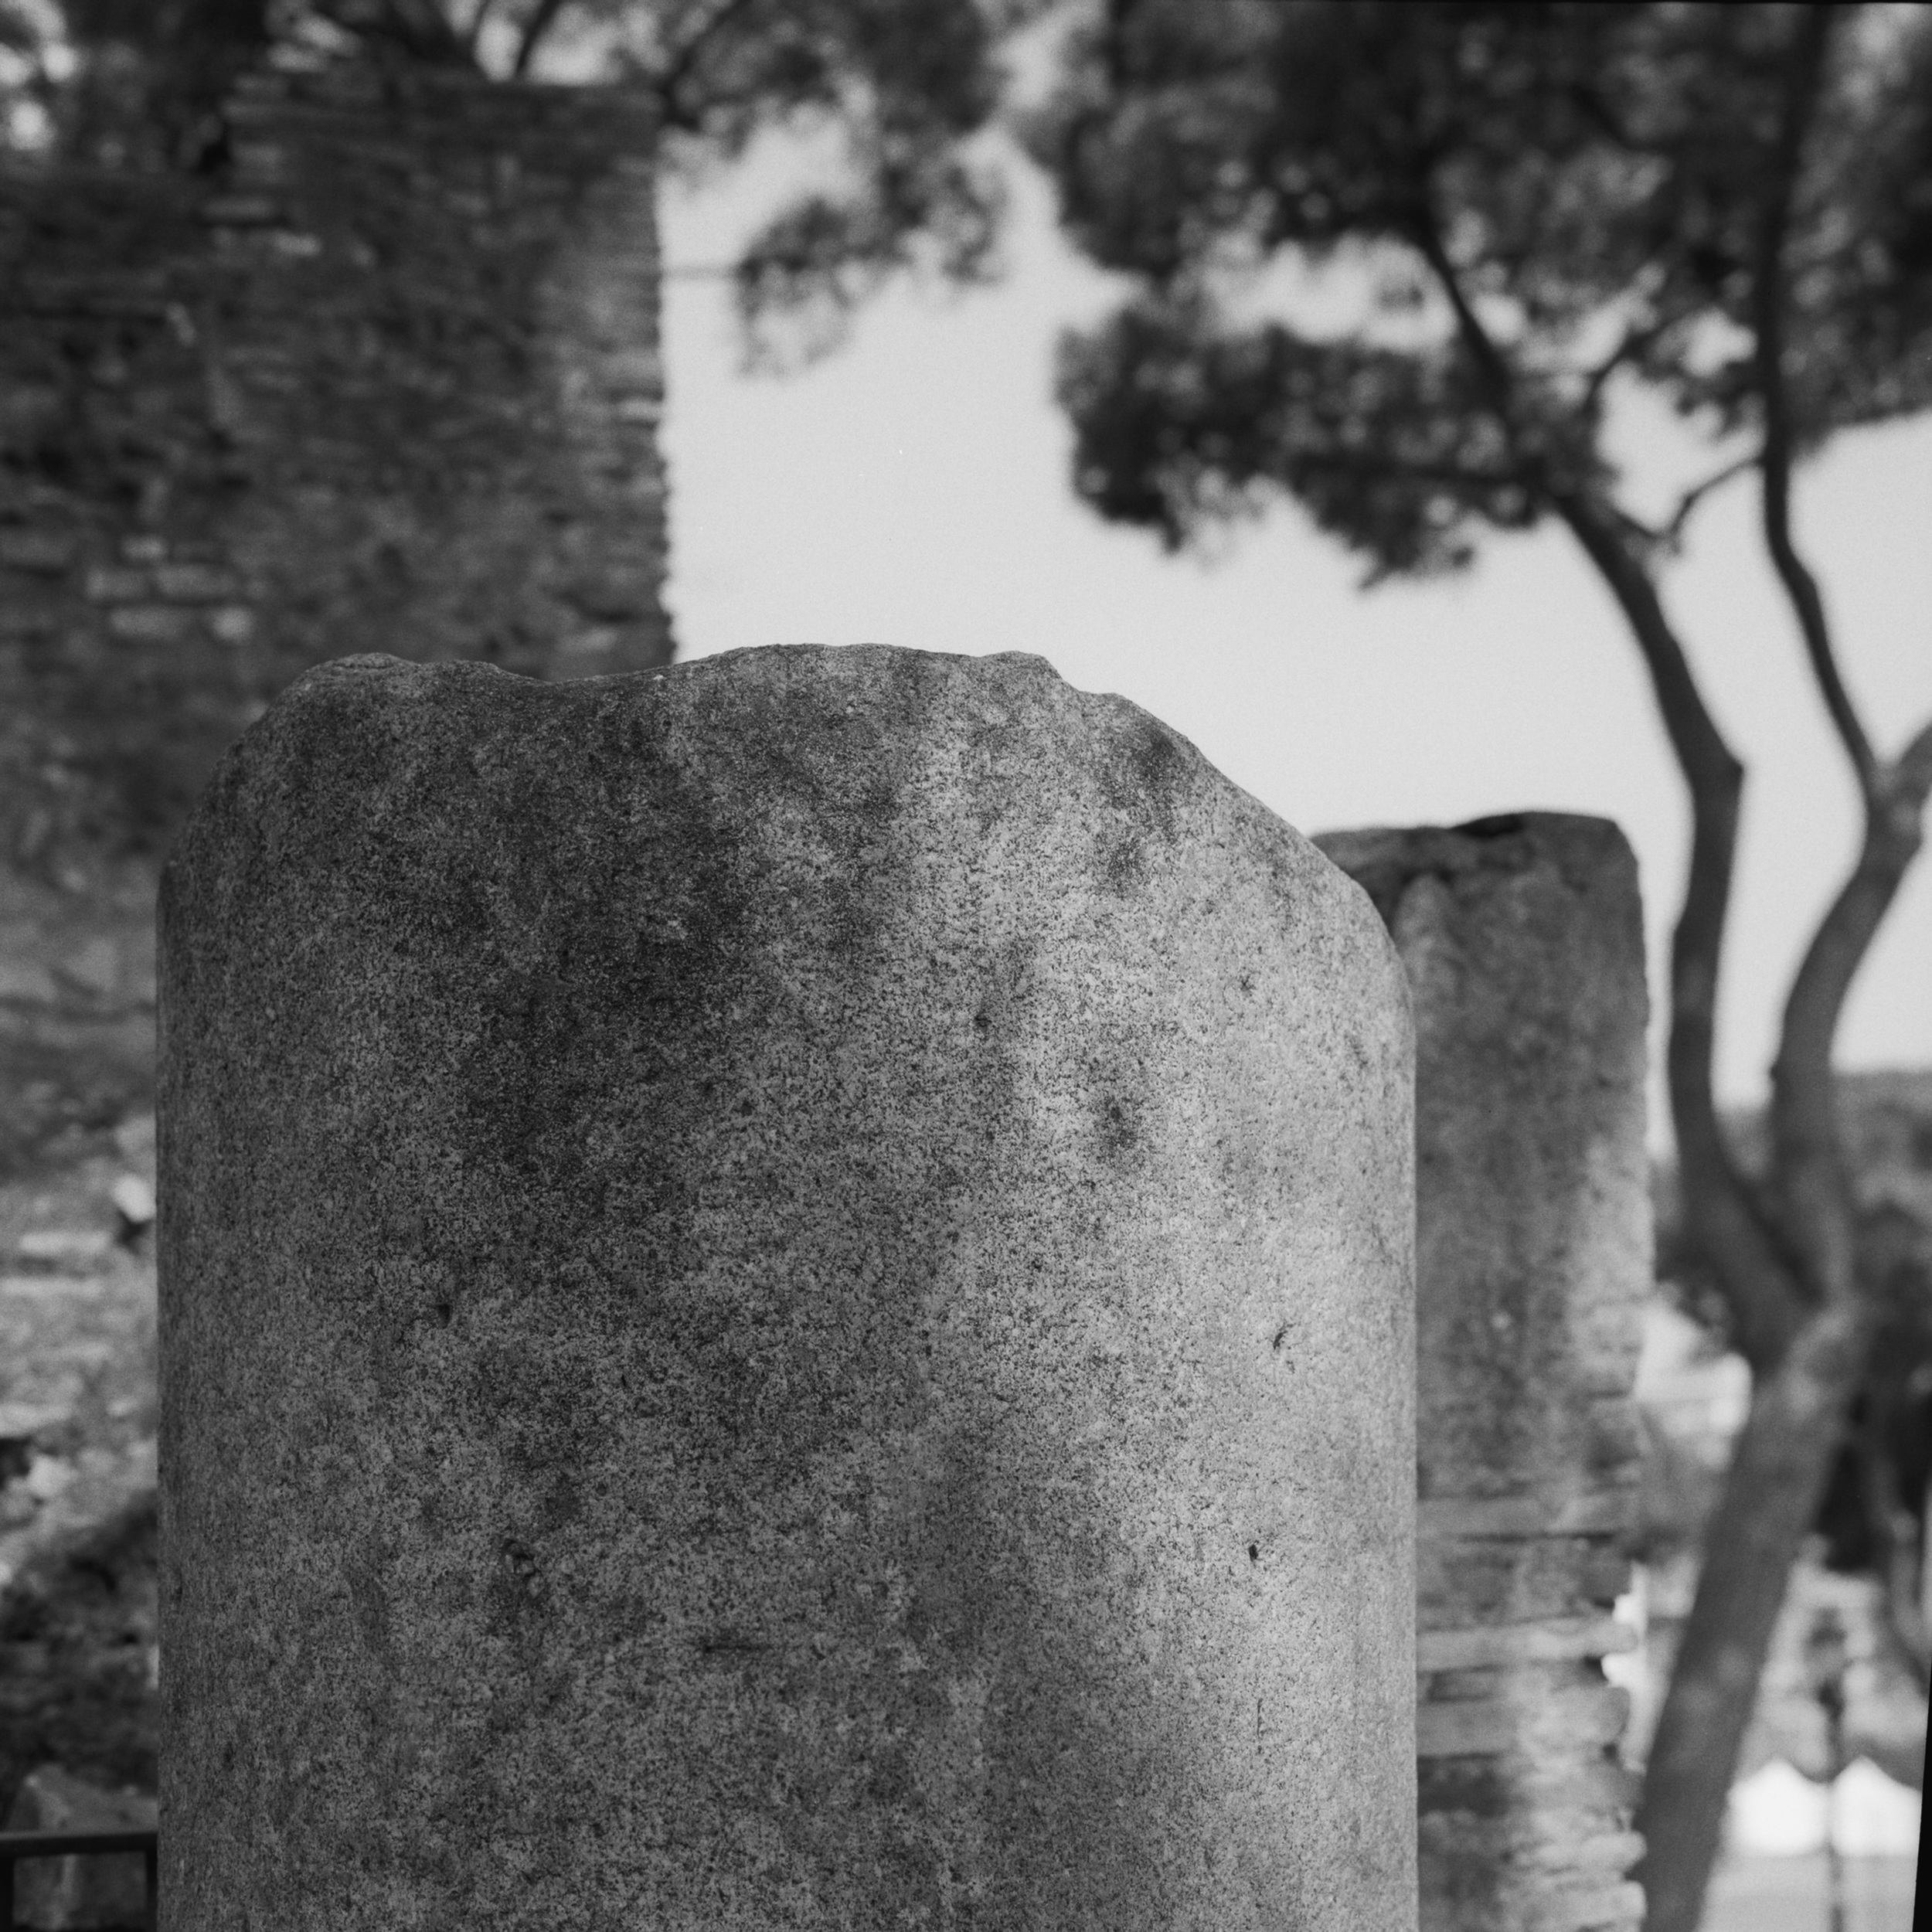 Via di S. Pietro in Carcere,Campidoglio, Rome, 2015